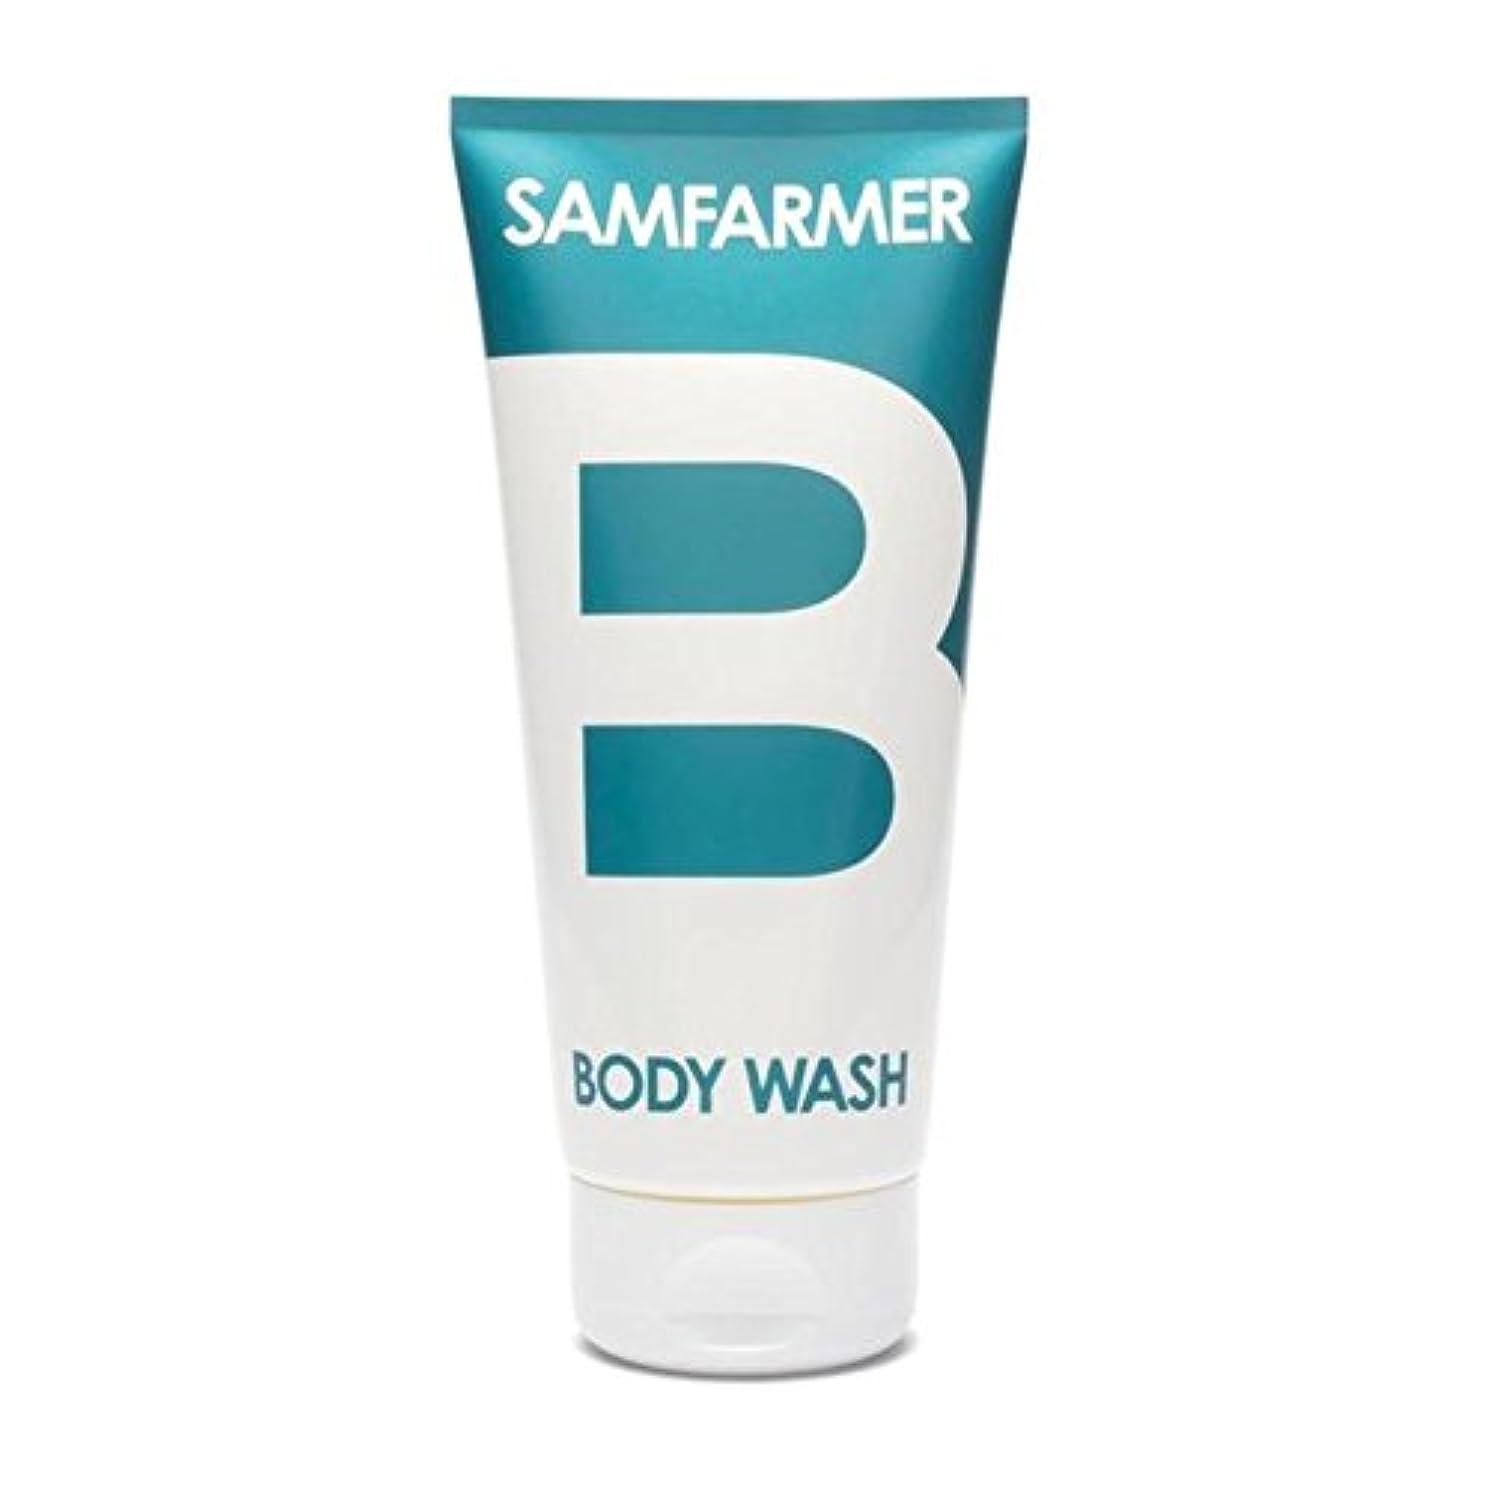 鹿飢え平衡ユニセックスボディウォッシュ200ミリリットル x2 - SAMFARMER Unisex Body Wash 200ml (Pack of 2) [並行輸入品]